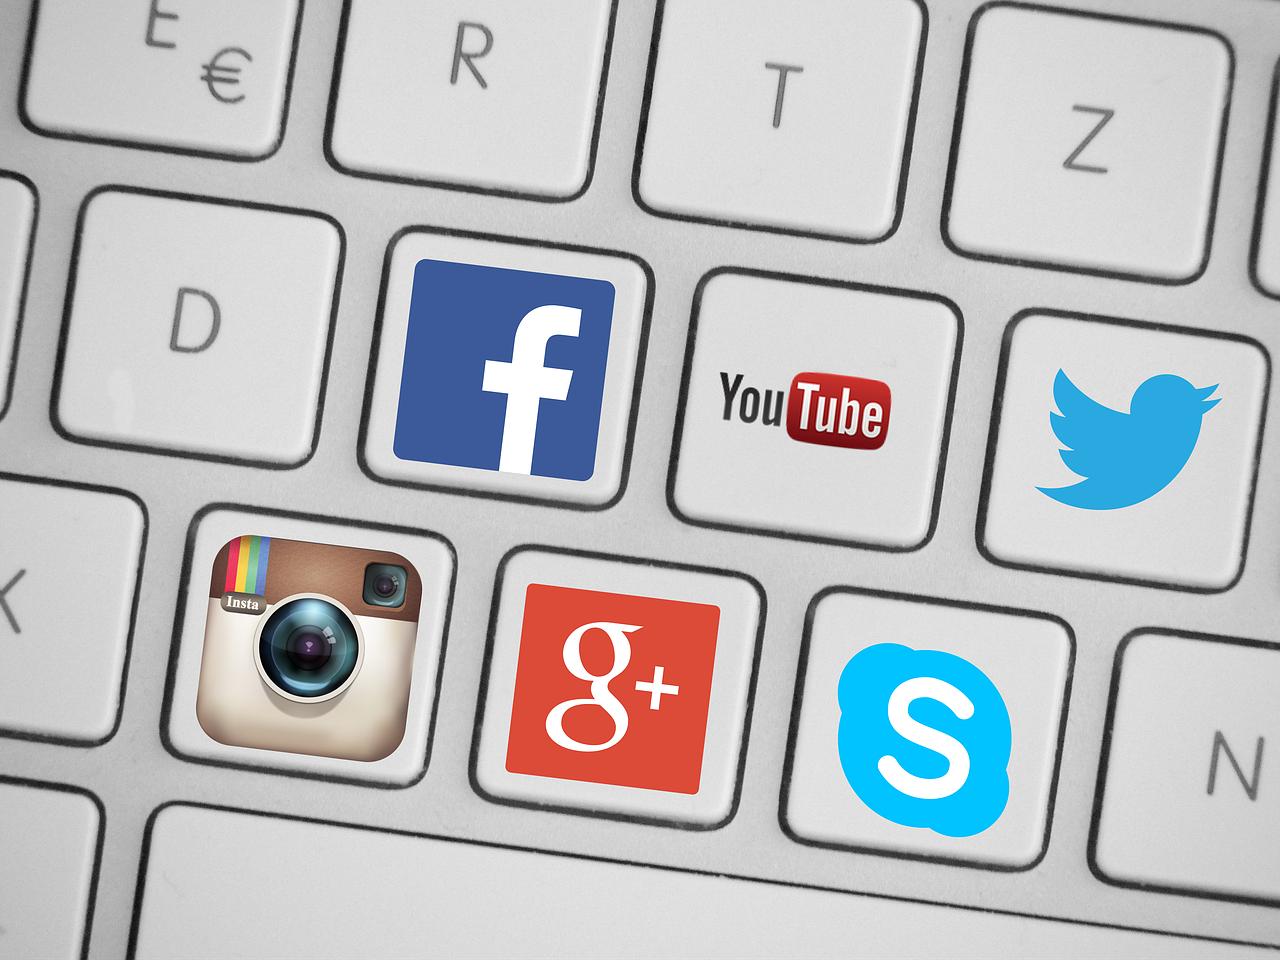 Топ съвети за социалната медия Facebook